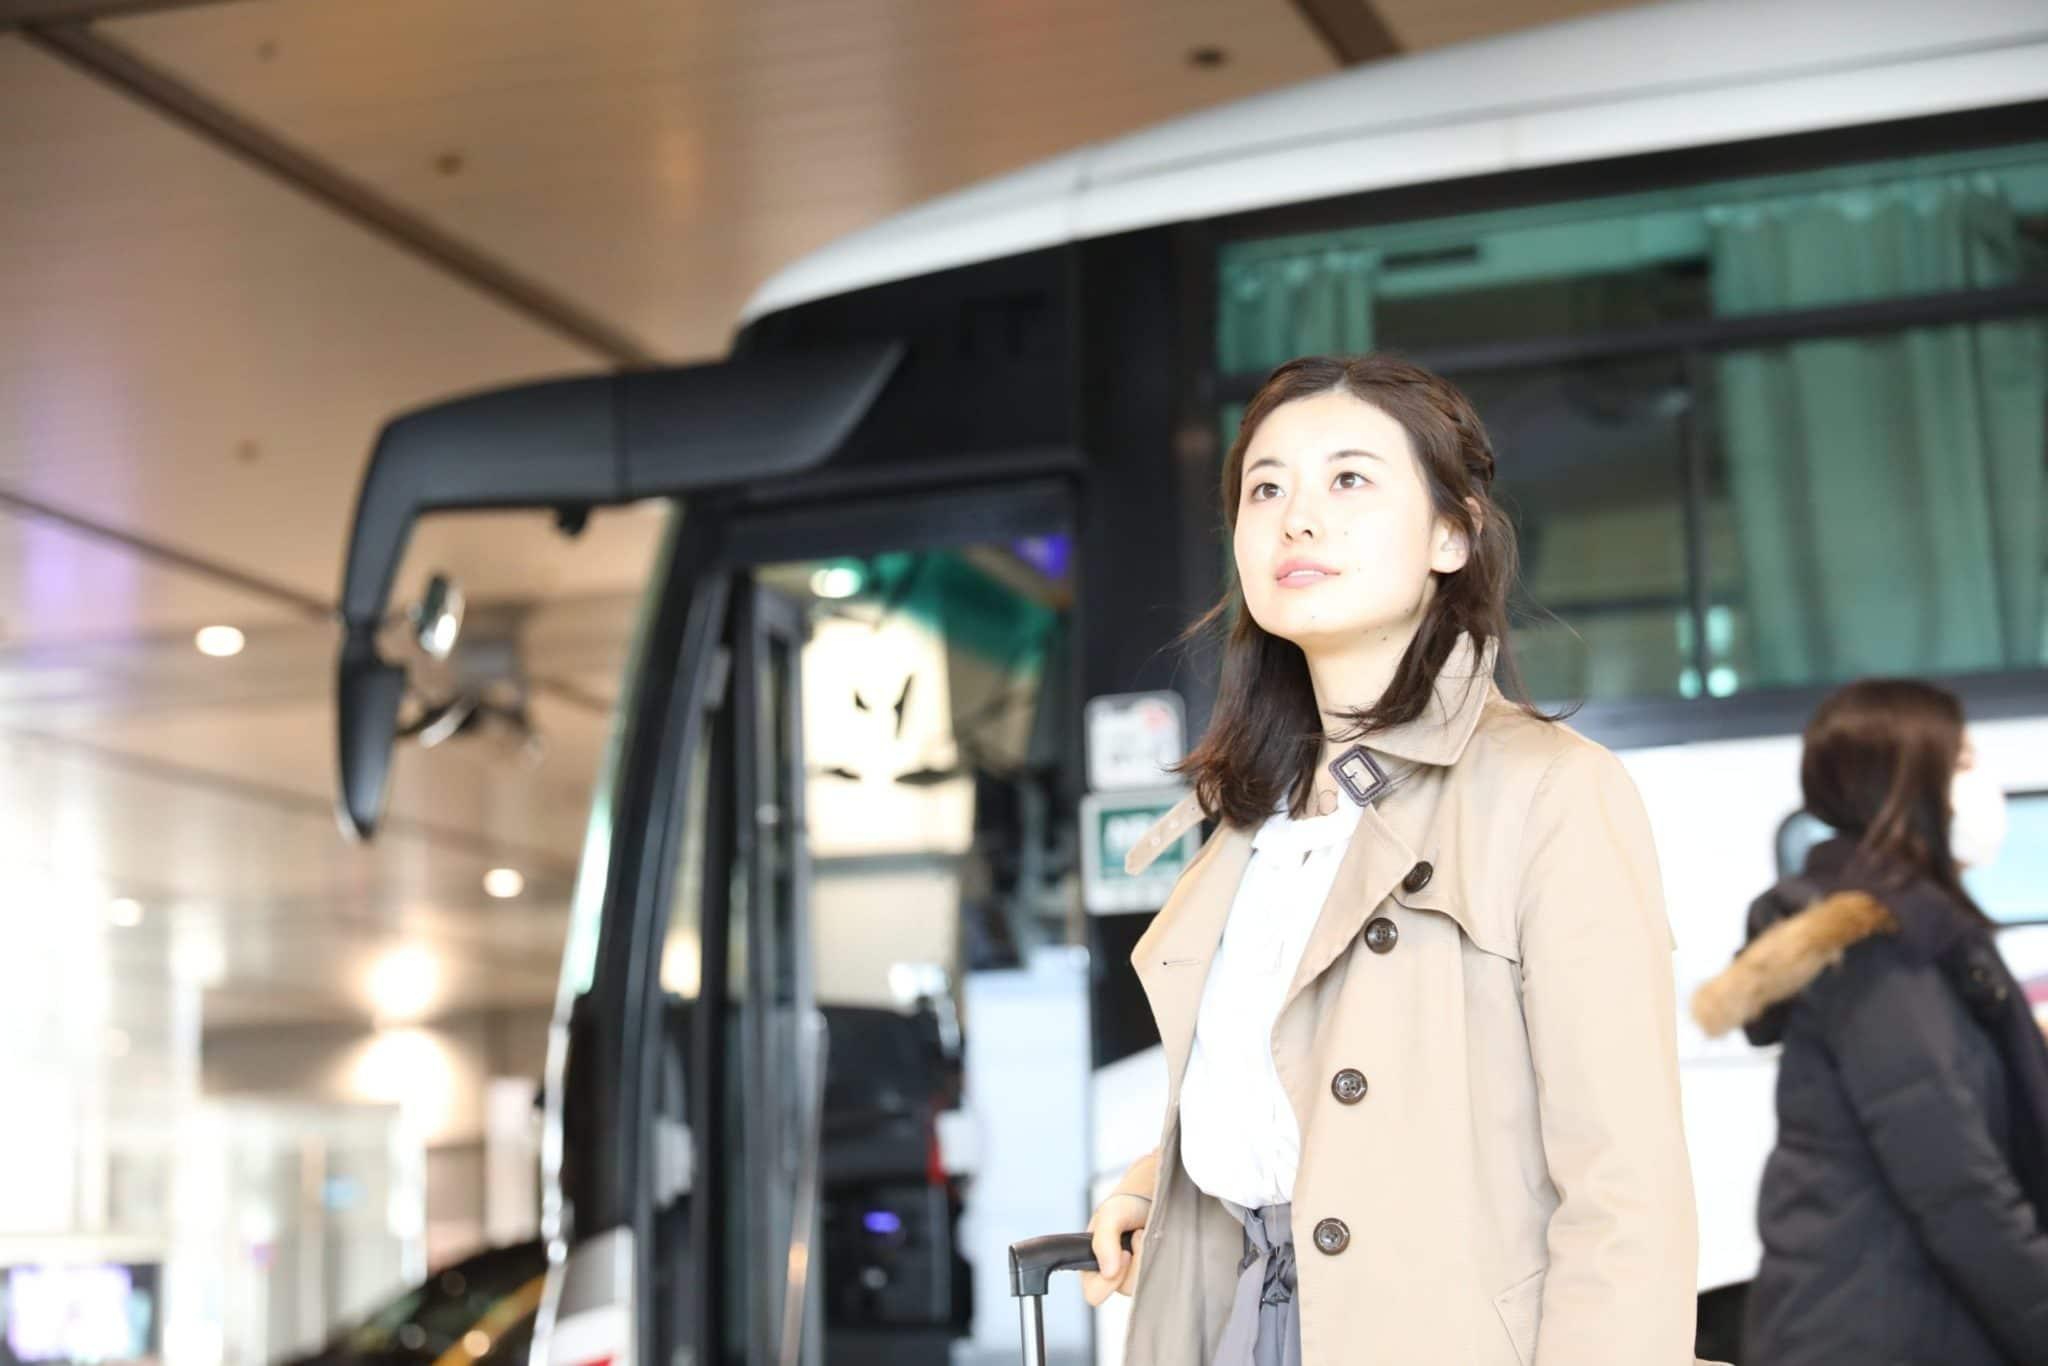 海外留学組が日本で就活を進めるには?就活で役立つスキルと進め方